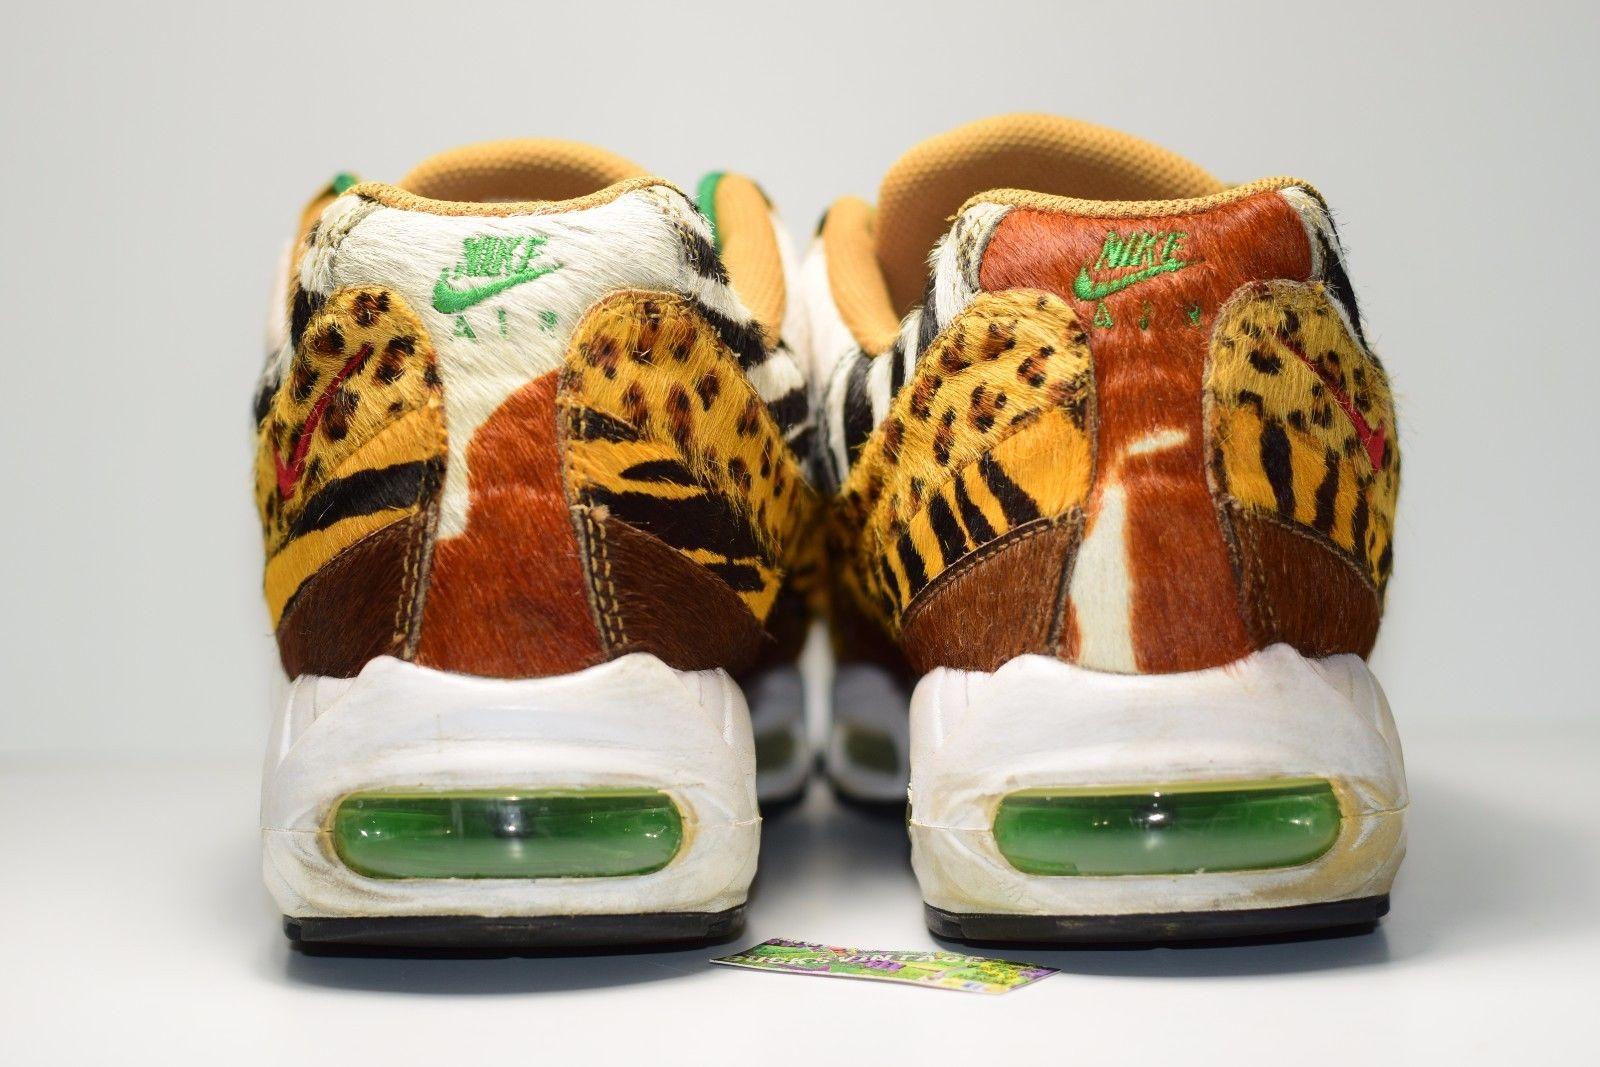 33bdffa78a ... Size 12 | 2007 Nike Air Max 95 ATMOS SAFARI Animal Pack Pony Cheetah  Hair 314993 ...